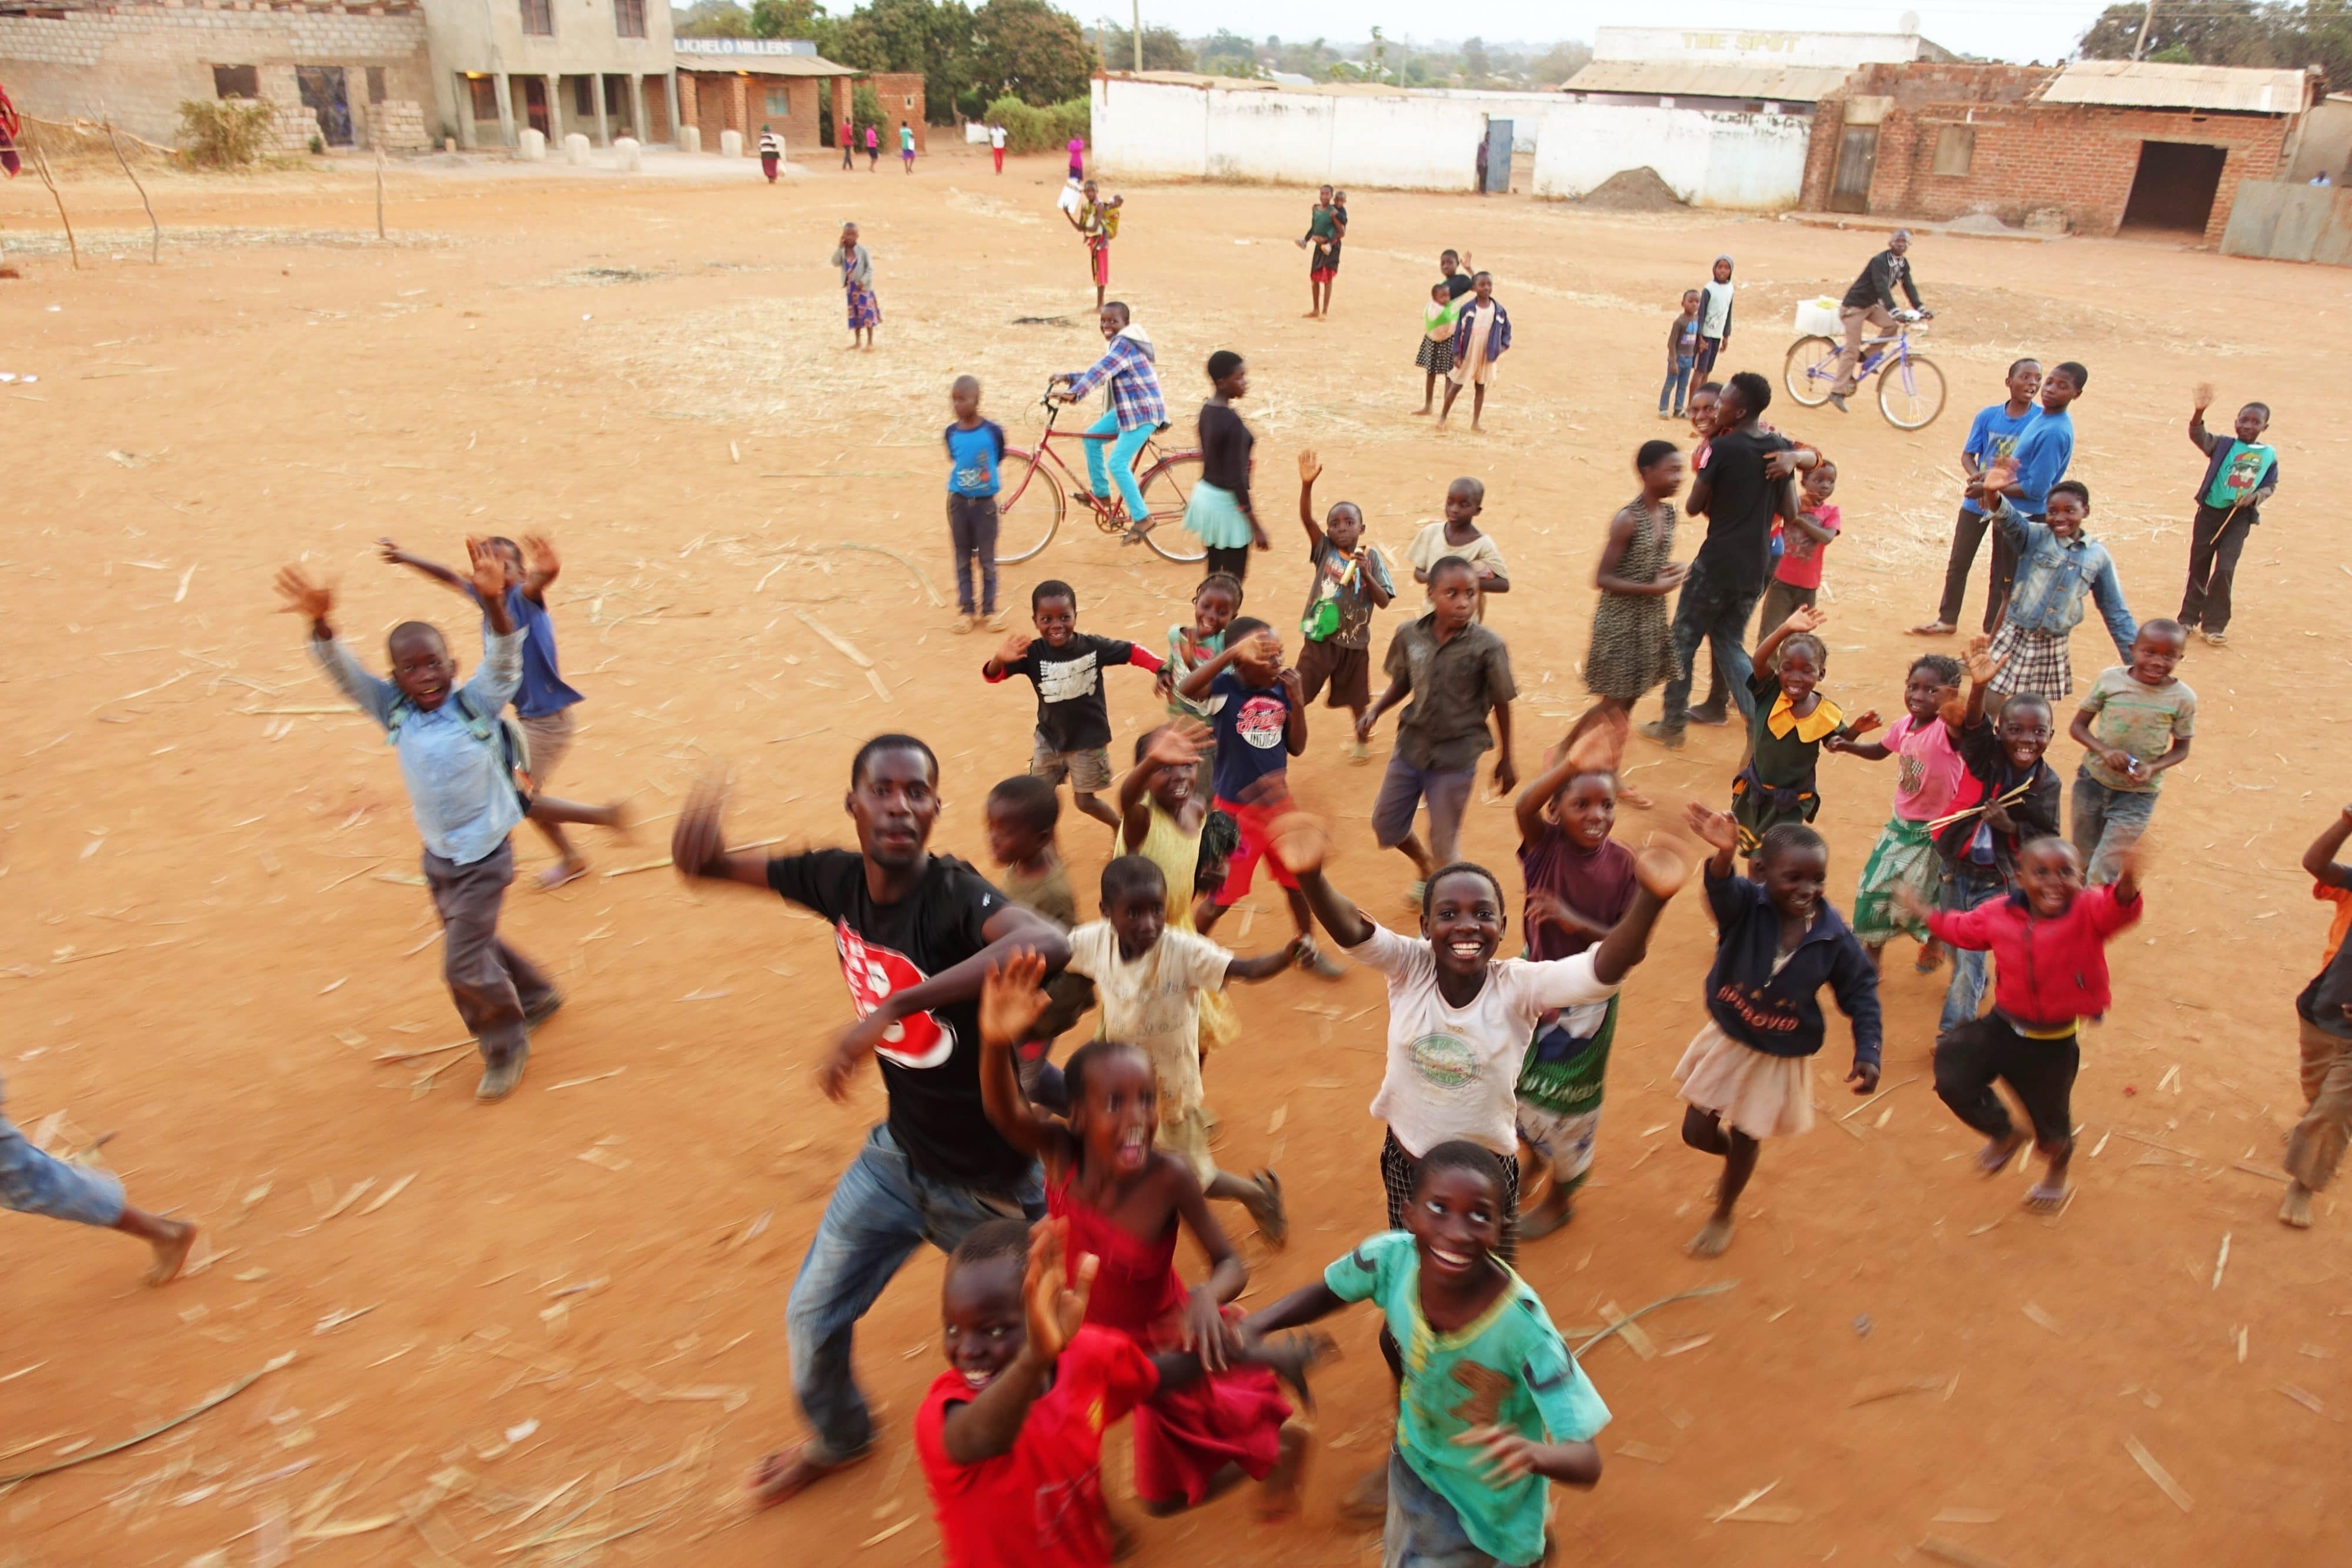 Zambia, afrika, kinderen van afrika, strory in the picture, reizen door afrika, cycle for plan, plan nederland, plan international,